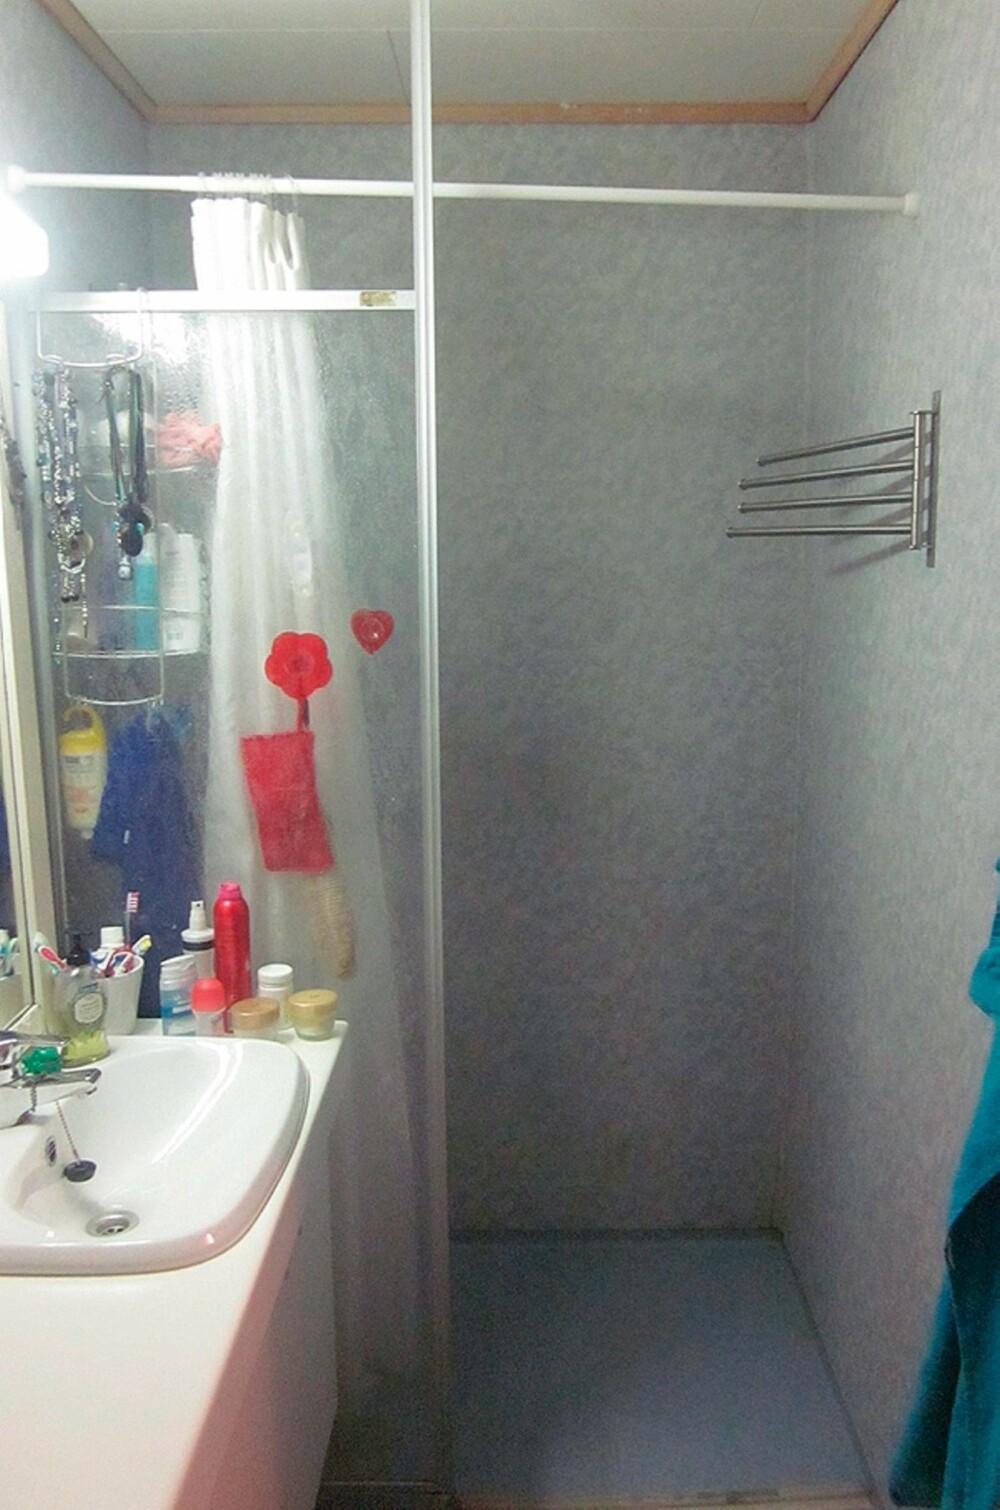 FØR: Det gamle badet hadde dårlig plassutnyttelse og utgått dusjhjørne. Her var det ikke det minste fristende å ta seg en dusj. Foto: Foto: Privat